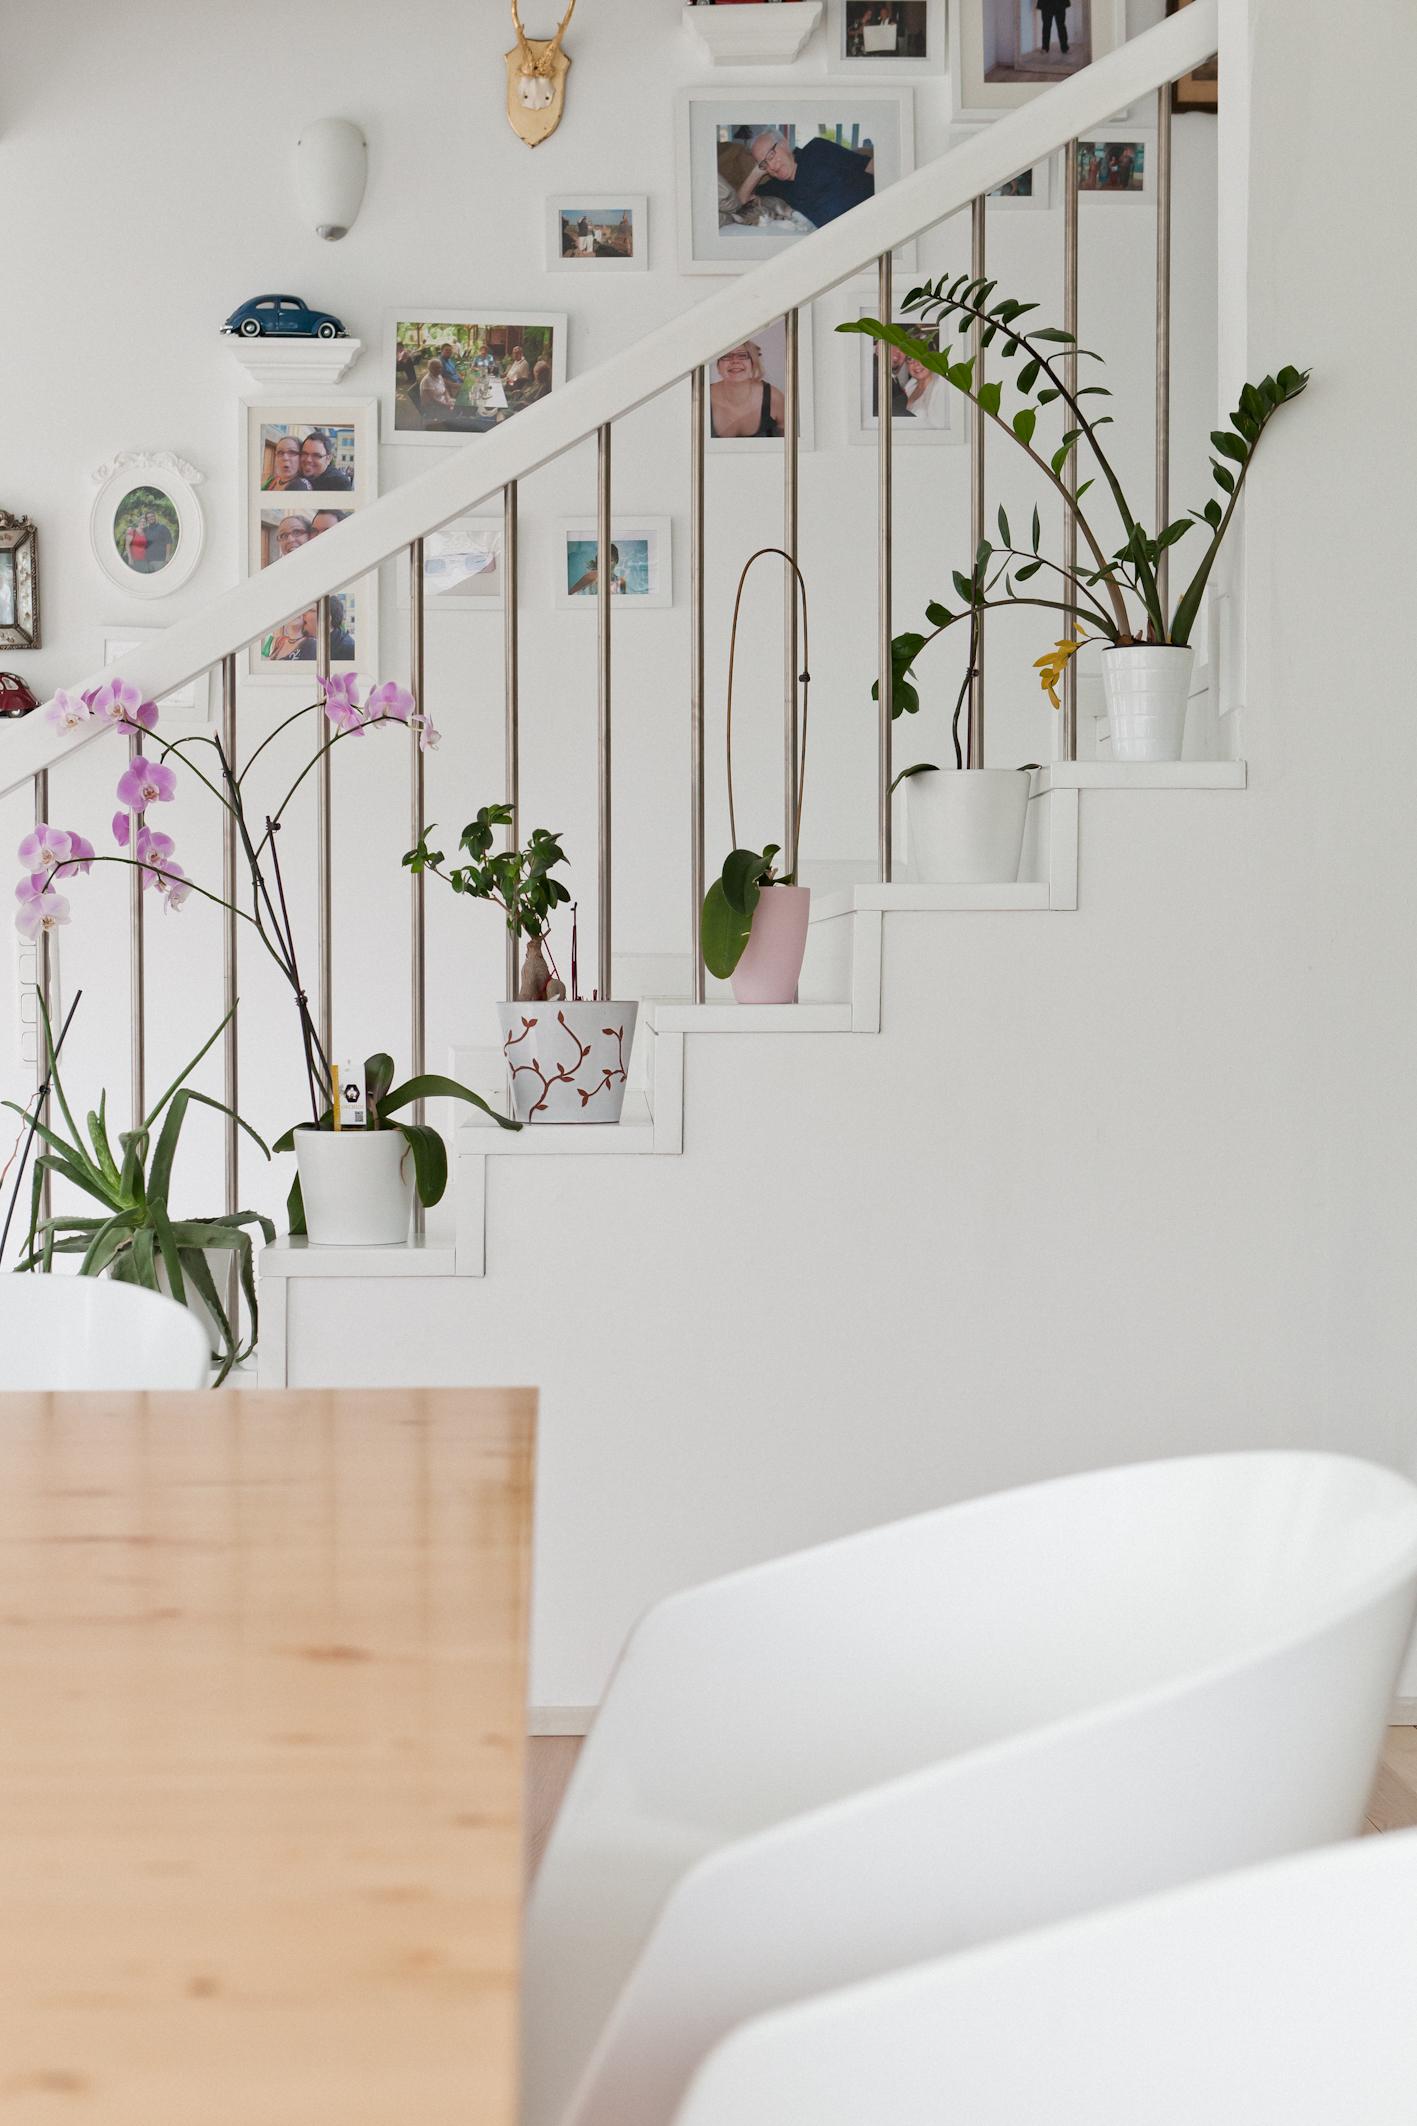 sonntagsfrage hausbau mit zwillingen was ist zu beachten. Black Bedroom Furniture Sets. Home Design Ideas